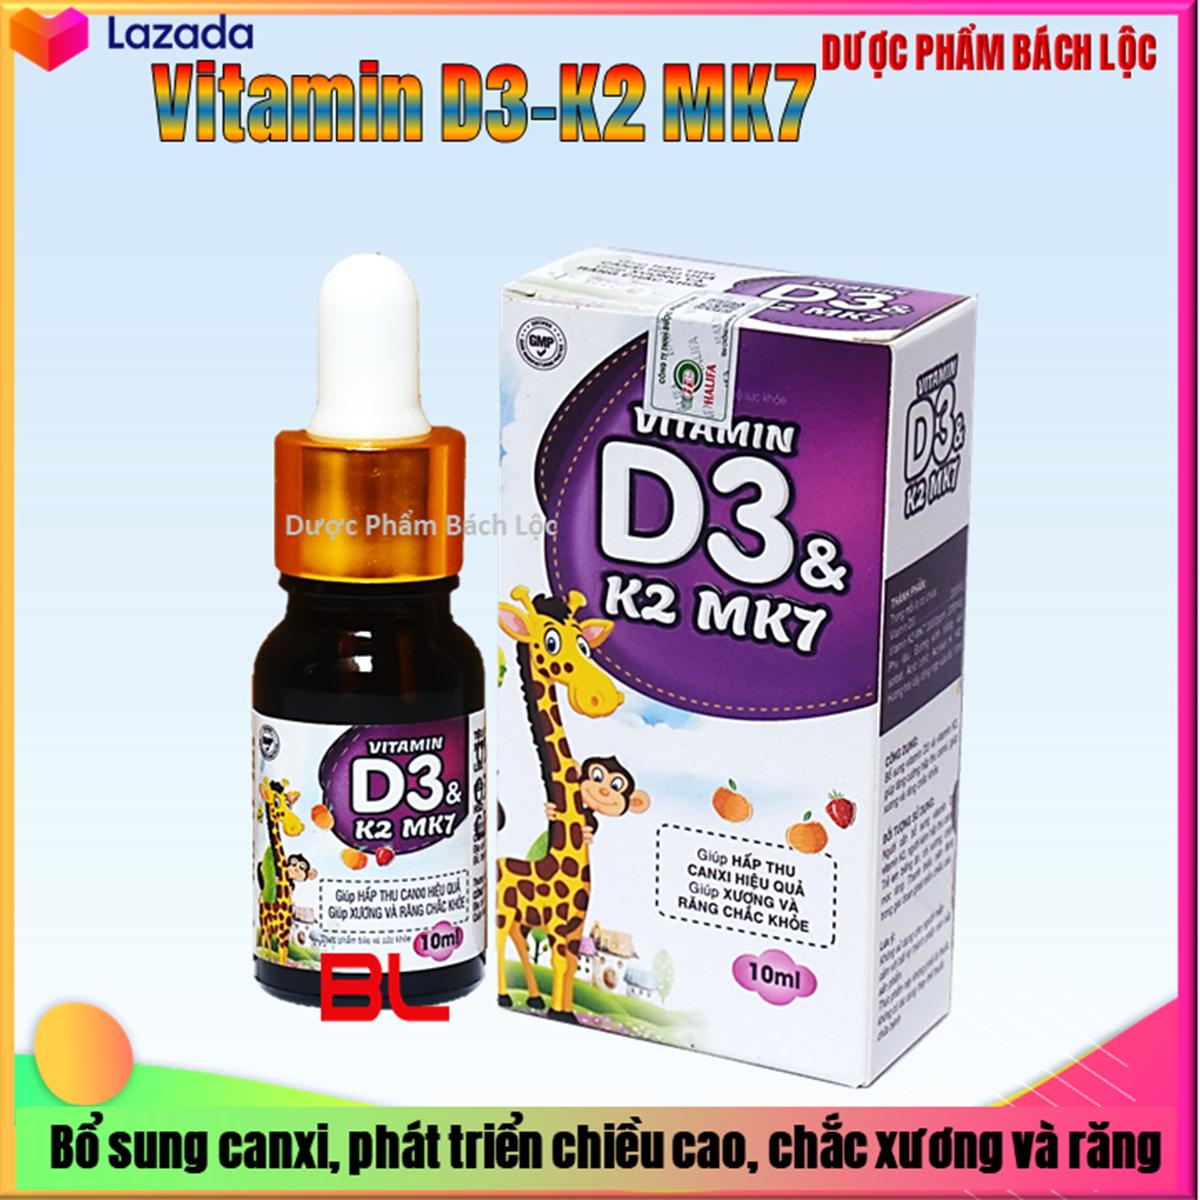 Vitamin D3 K2 Mk7 Nhỏ Giot  Giúp Bé Hấp Thụ Calci Tăng Trưởng Chiều Cao Cân Nặng Tăng Sức Đề Kháng Hộp 10ml